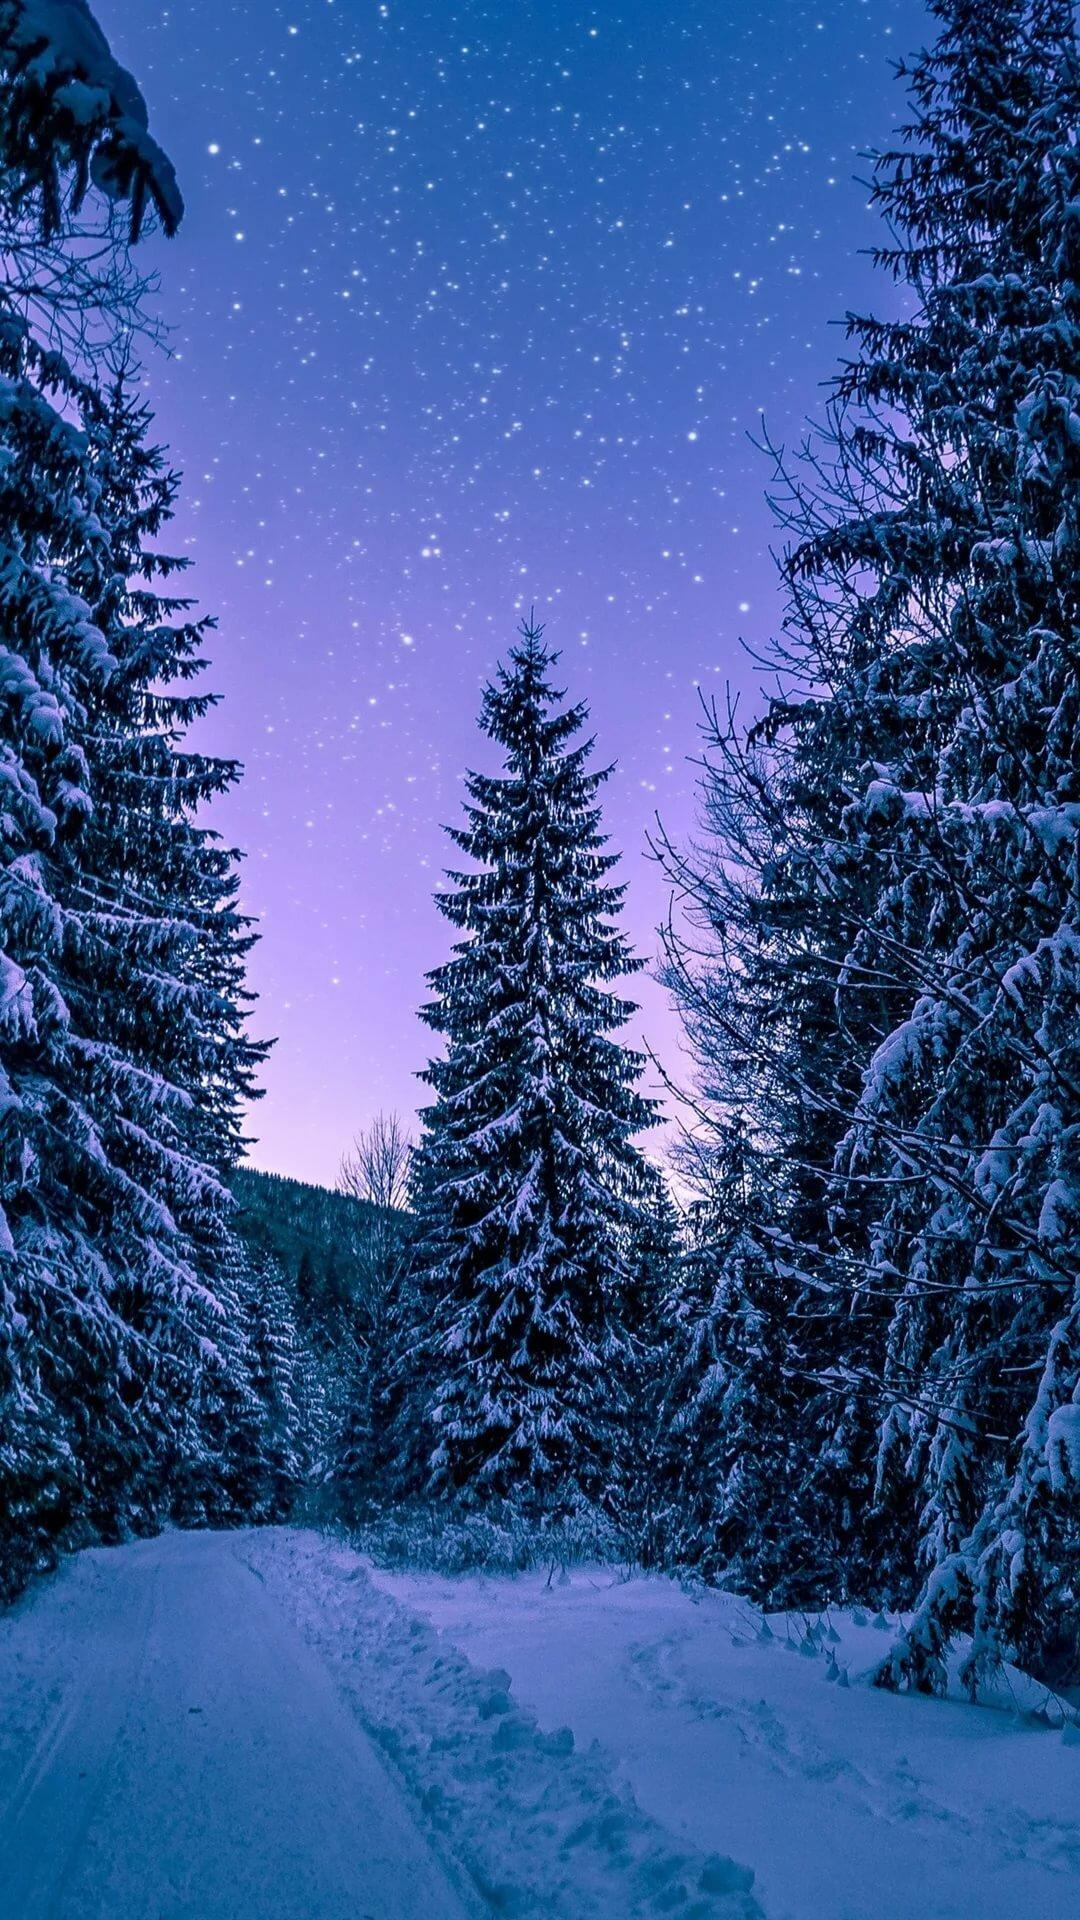 ней, картинки обоев зима для айфона можно выстраивать центру